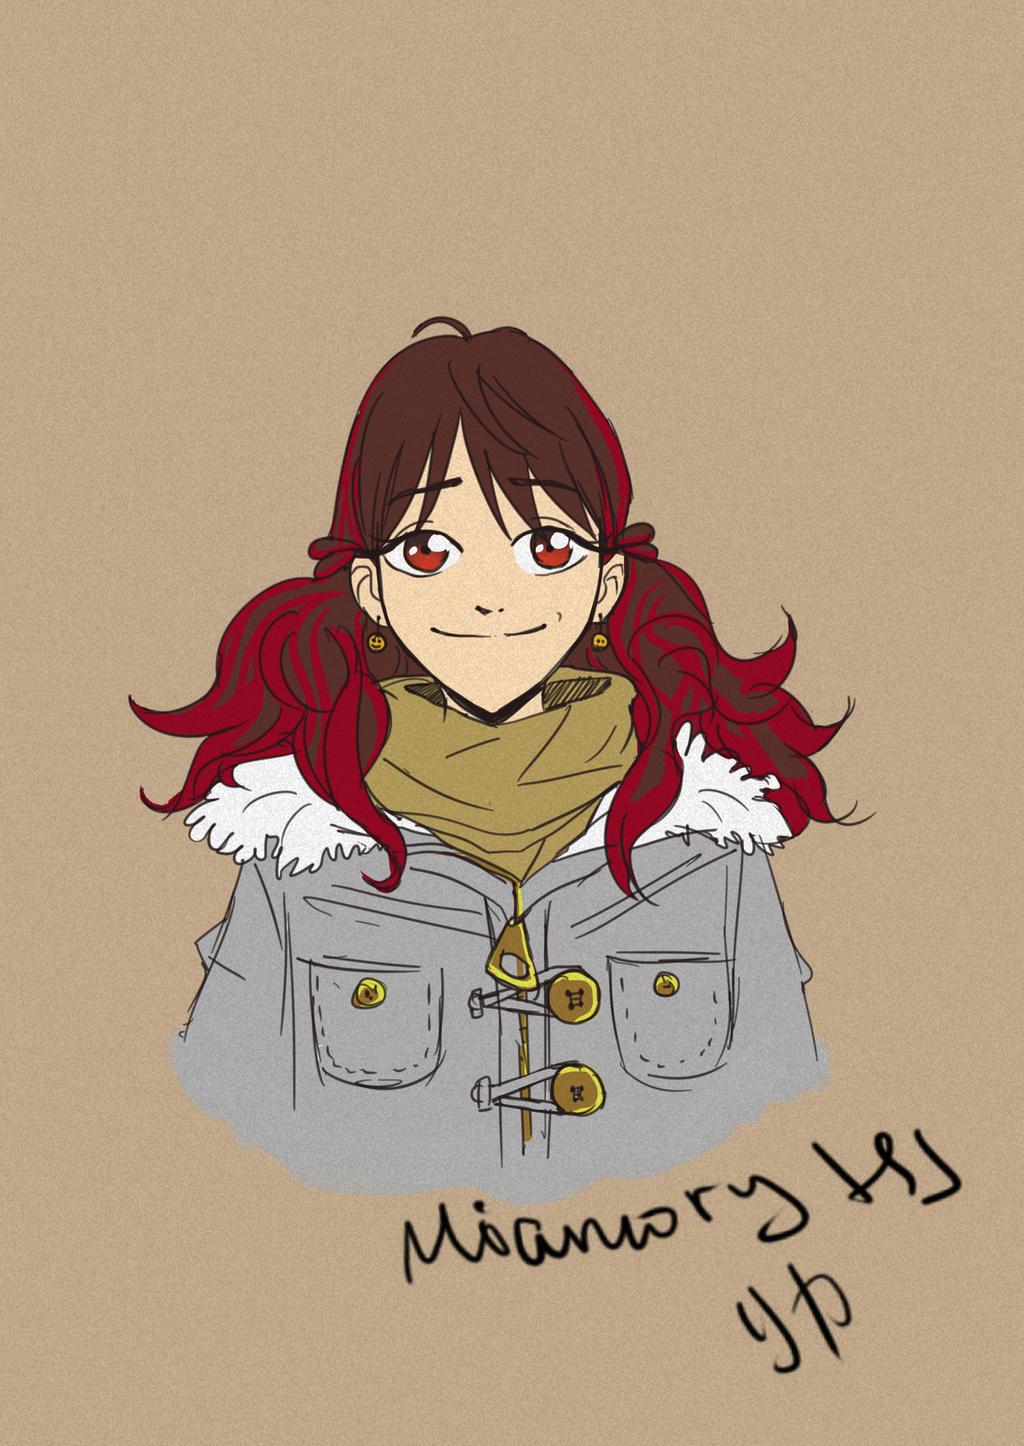 MiamoryHJ's Profile Picture